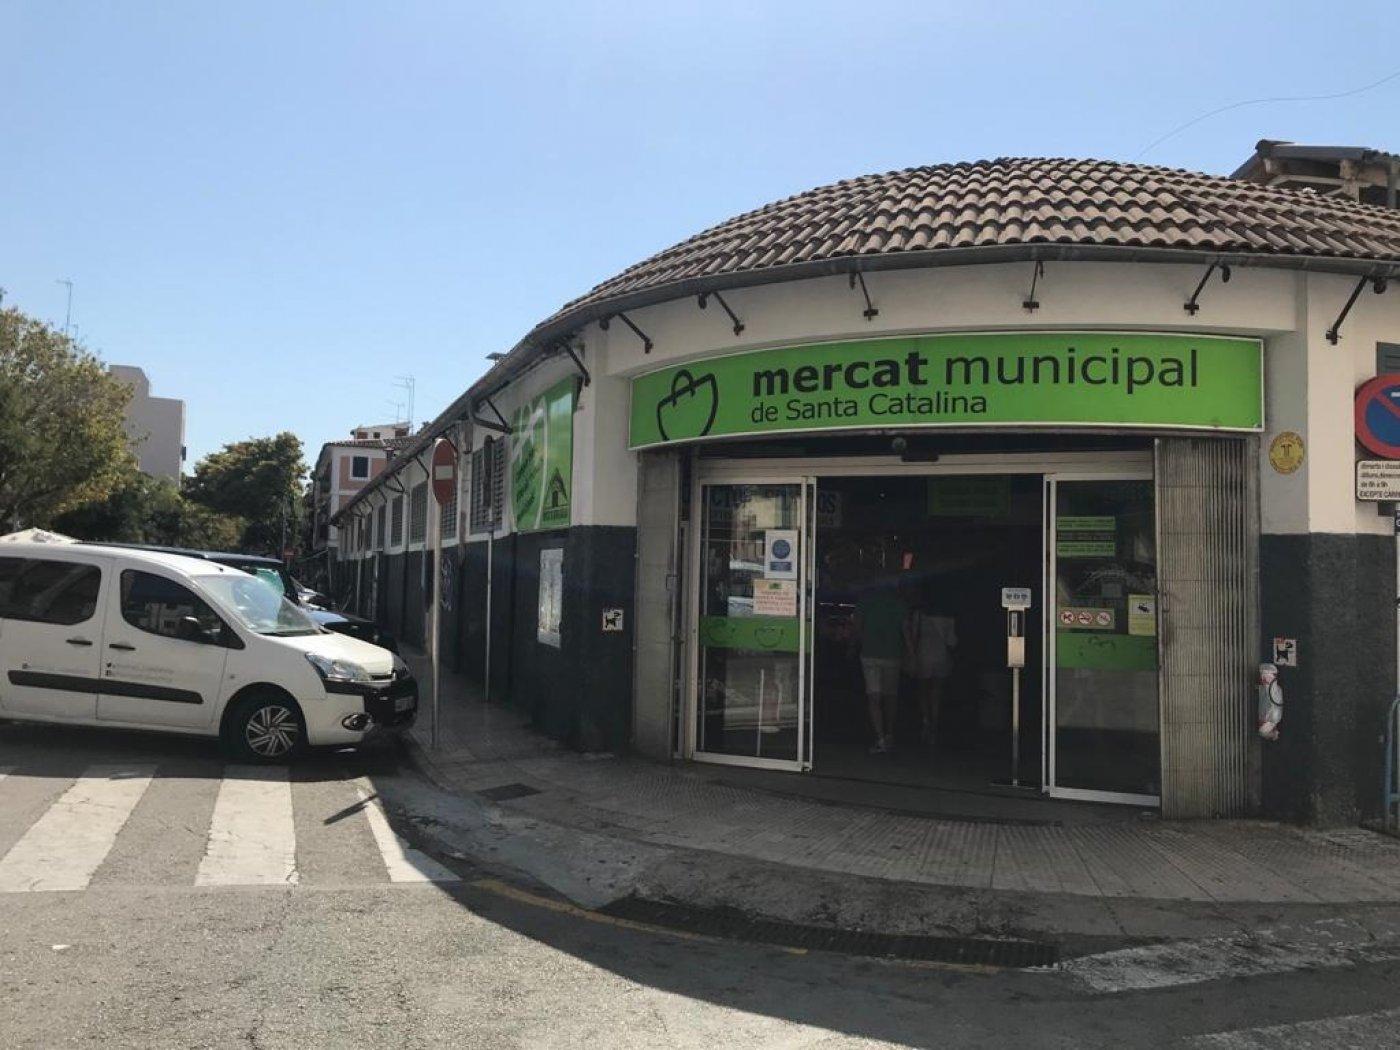 Local comercial en santa catalina - imagenInmueble6